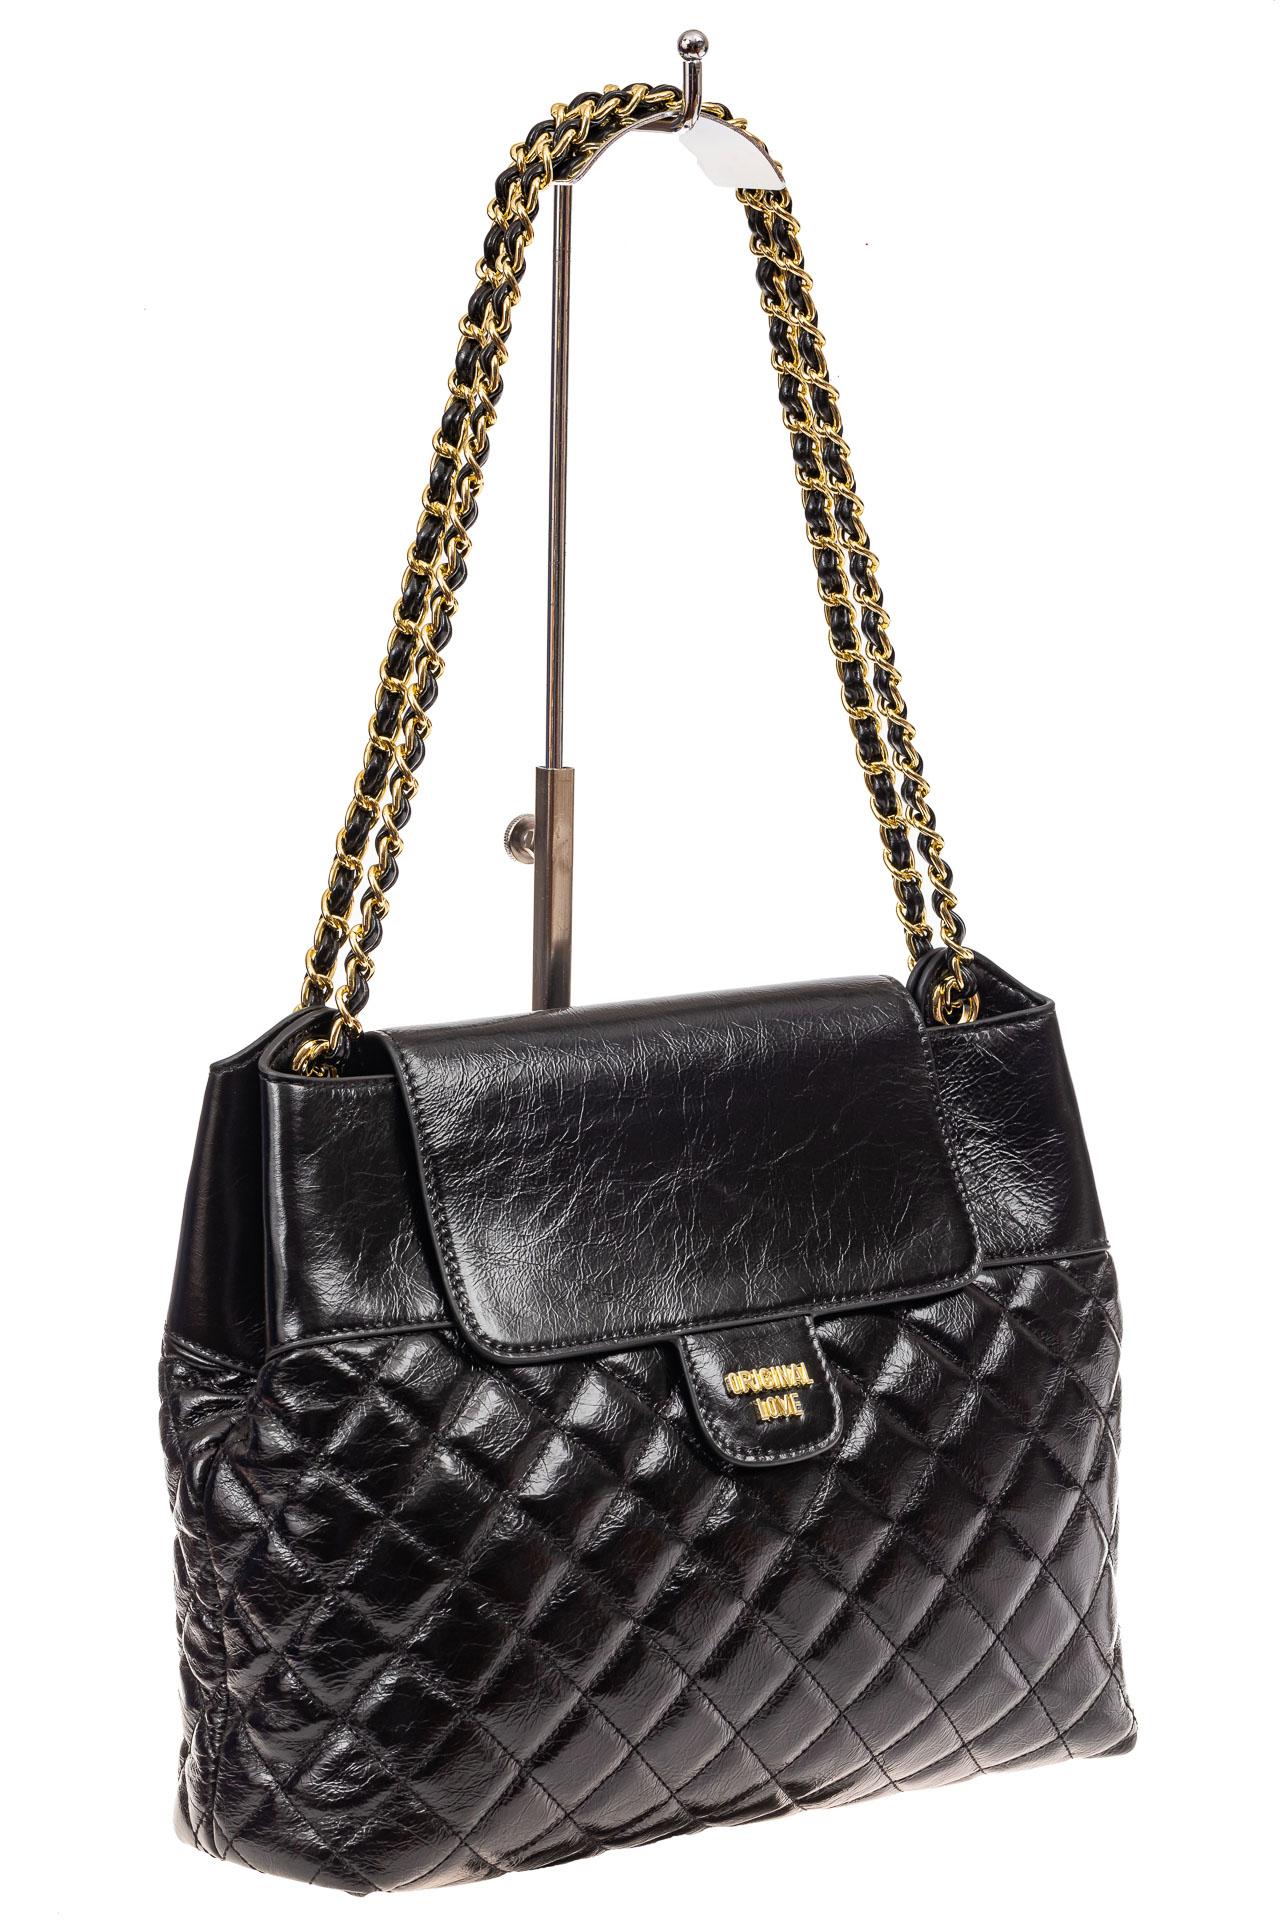 Роскошная сумка женская стеганая из натуральной кожи, цвет черный9113NK1219/1